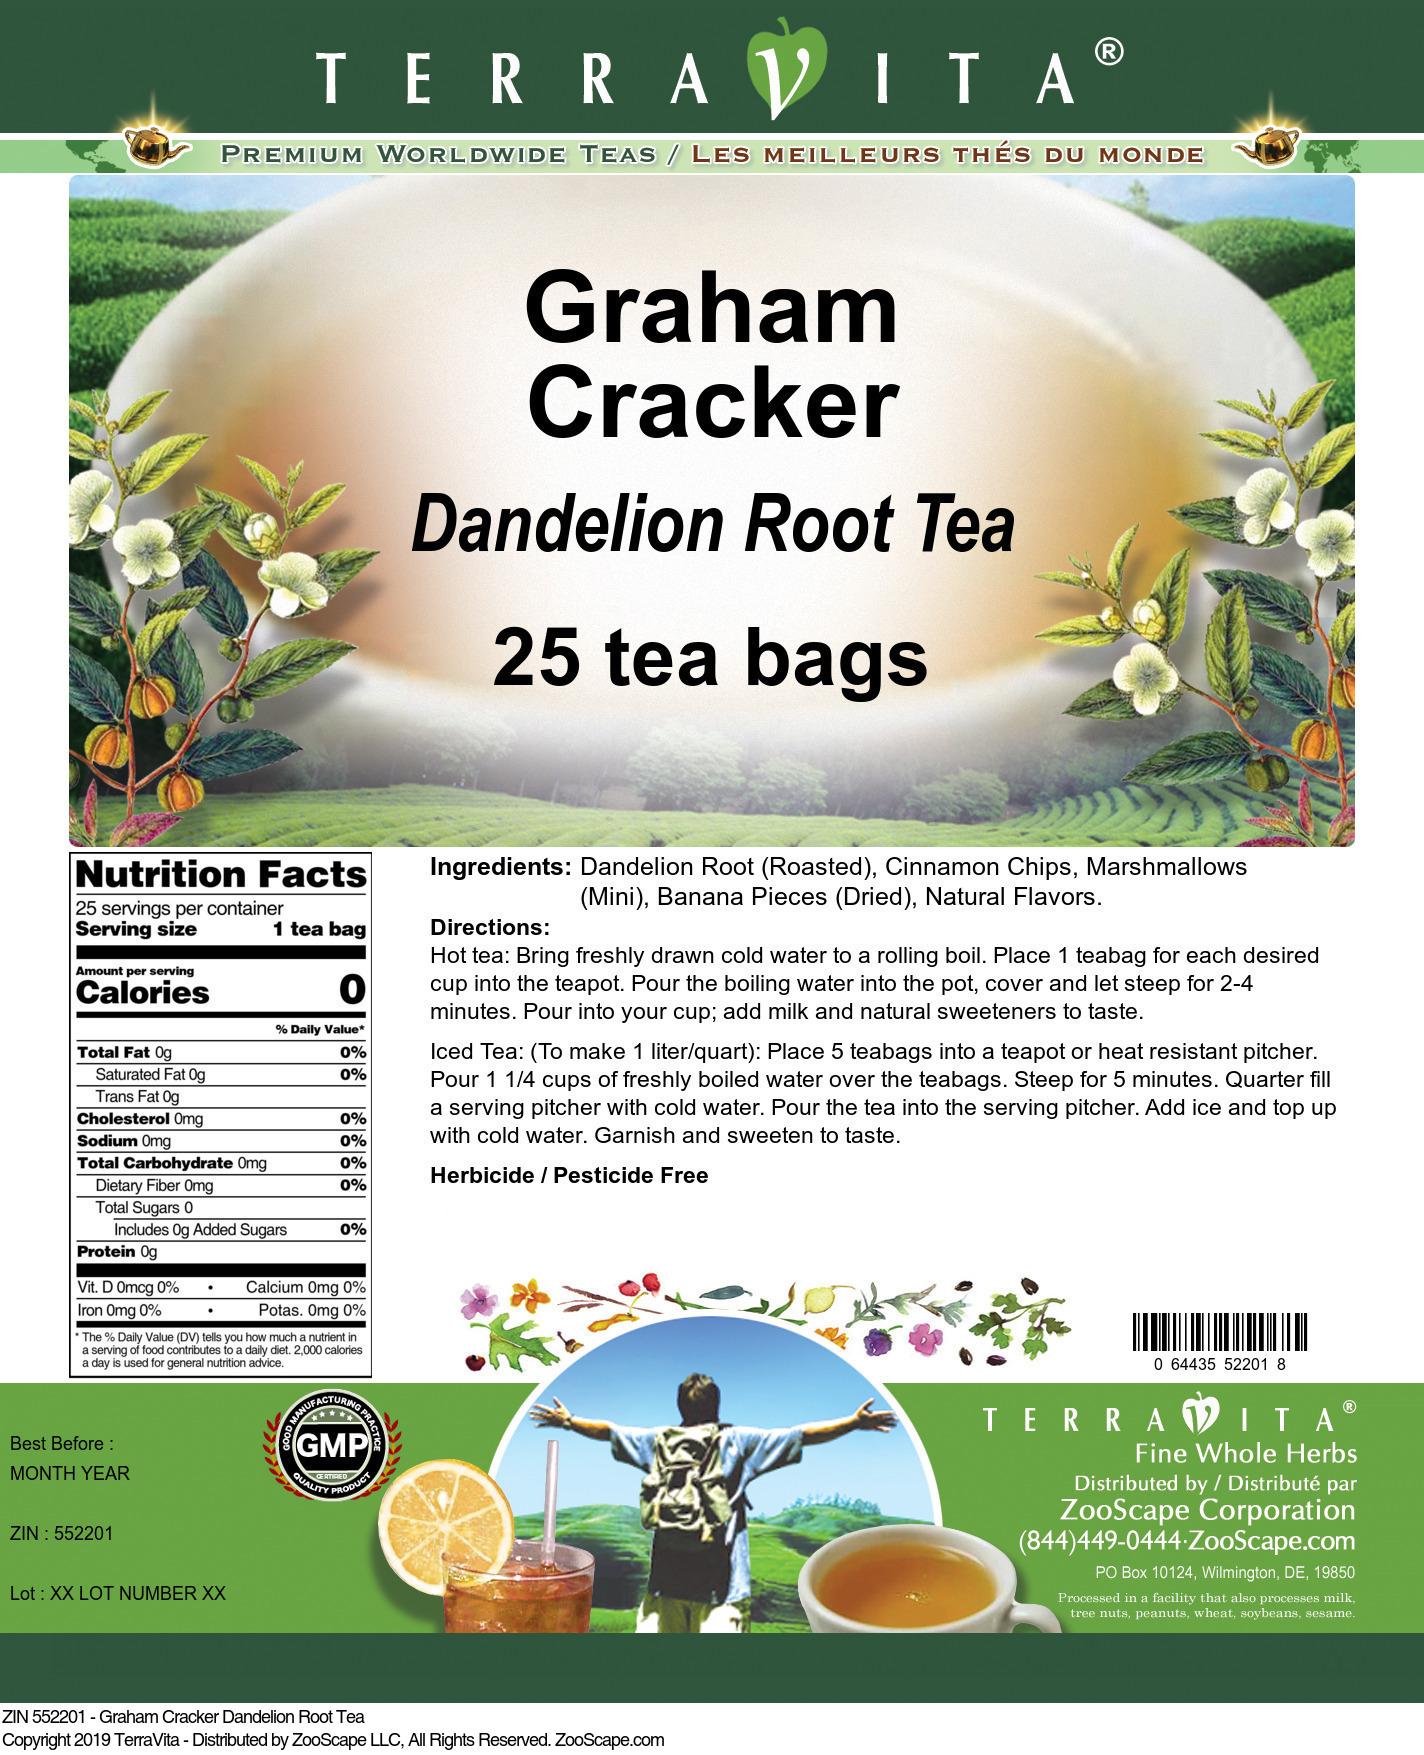 Graham Cracker Dandelion Root Tea